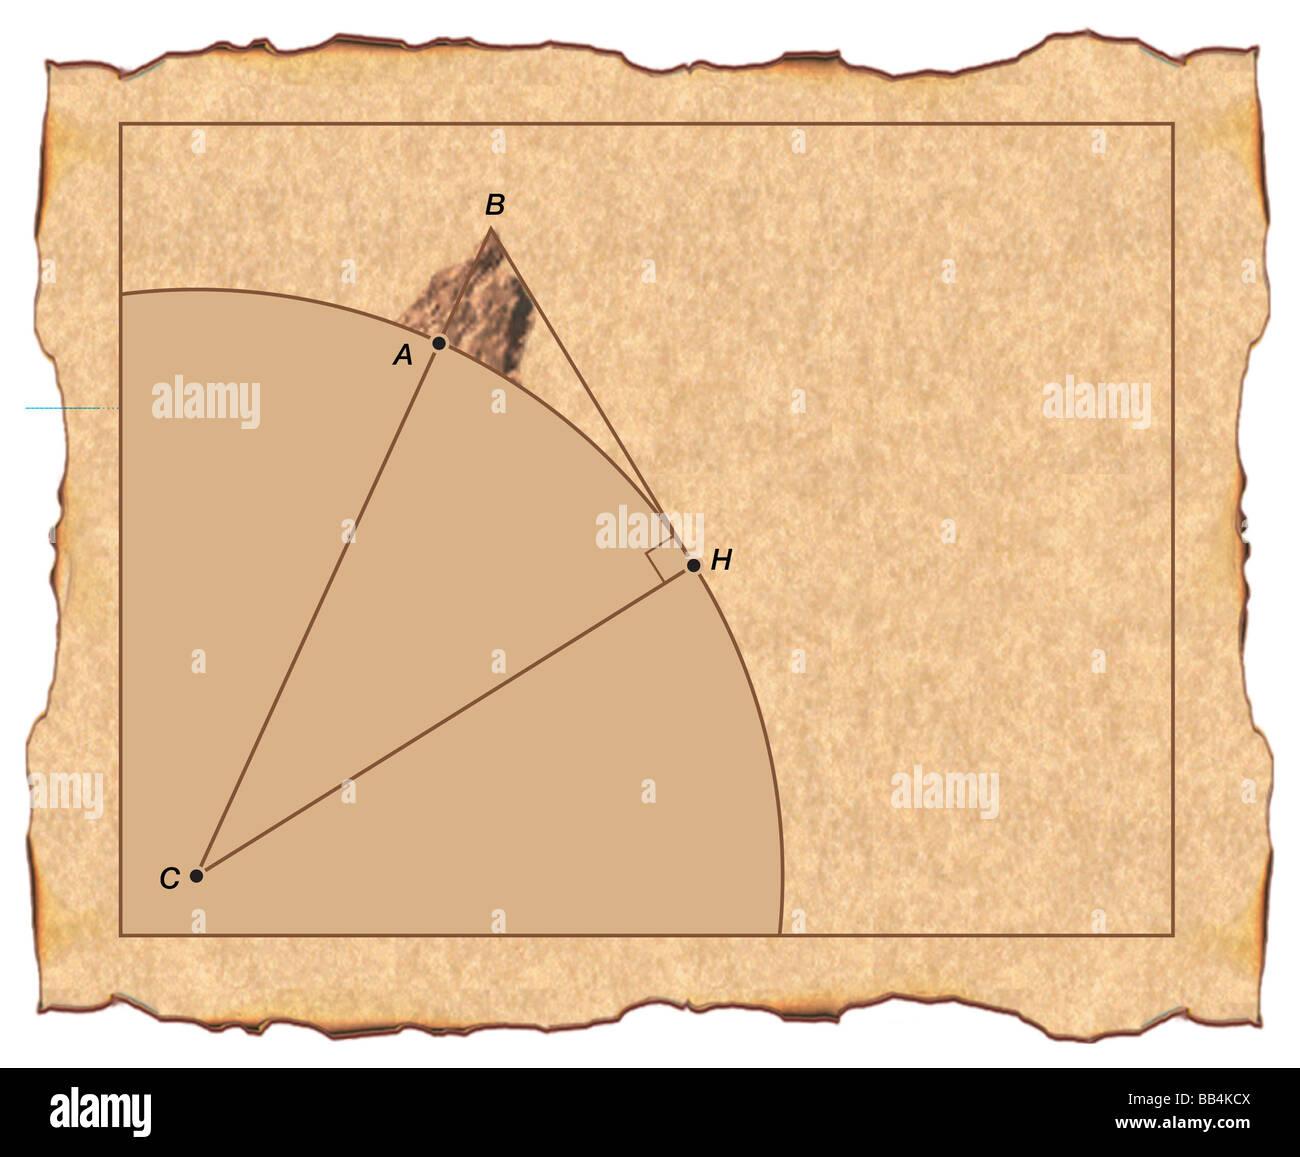 Arabo medievale metodo di misurazione della terra. Immagini Stock